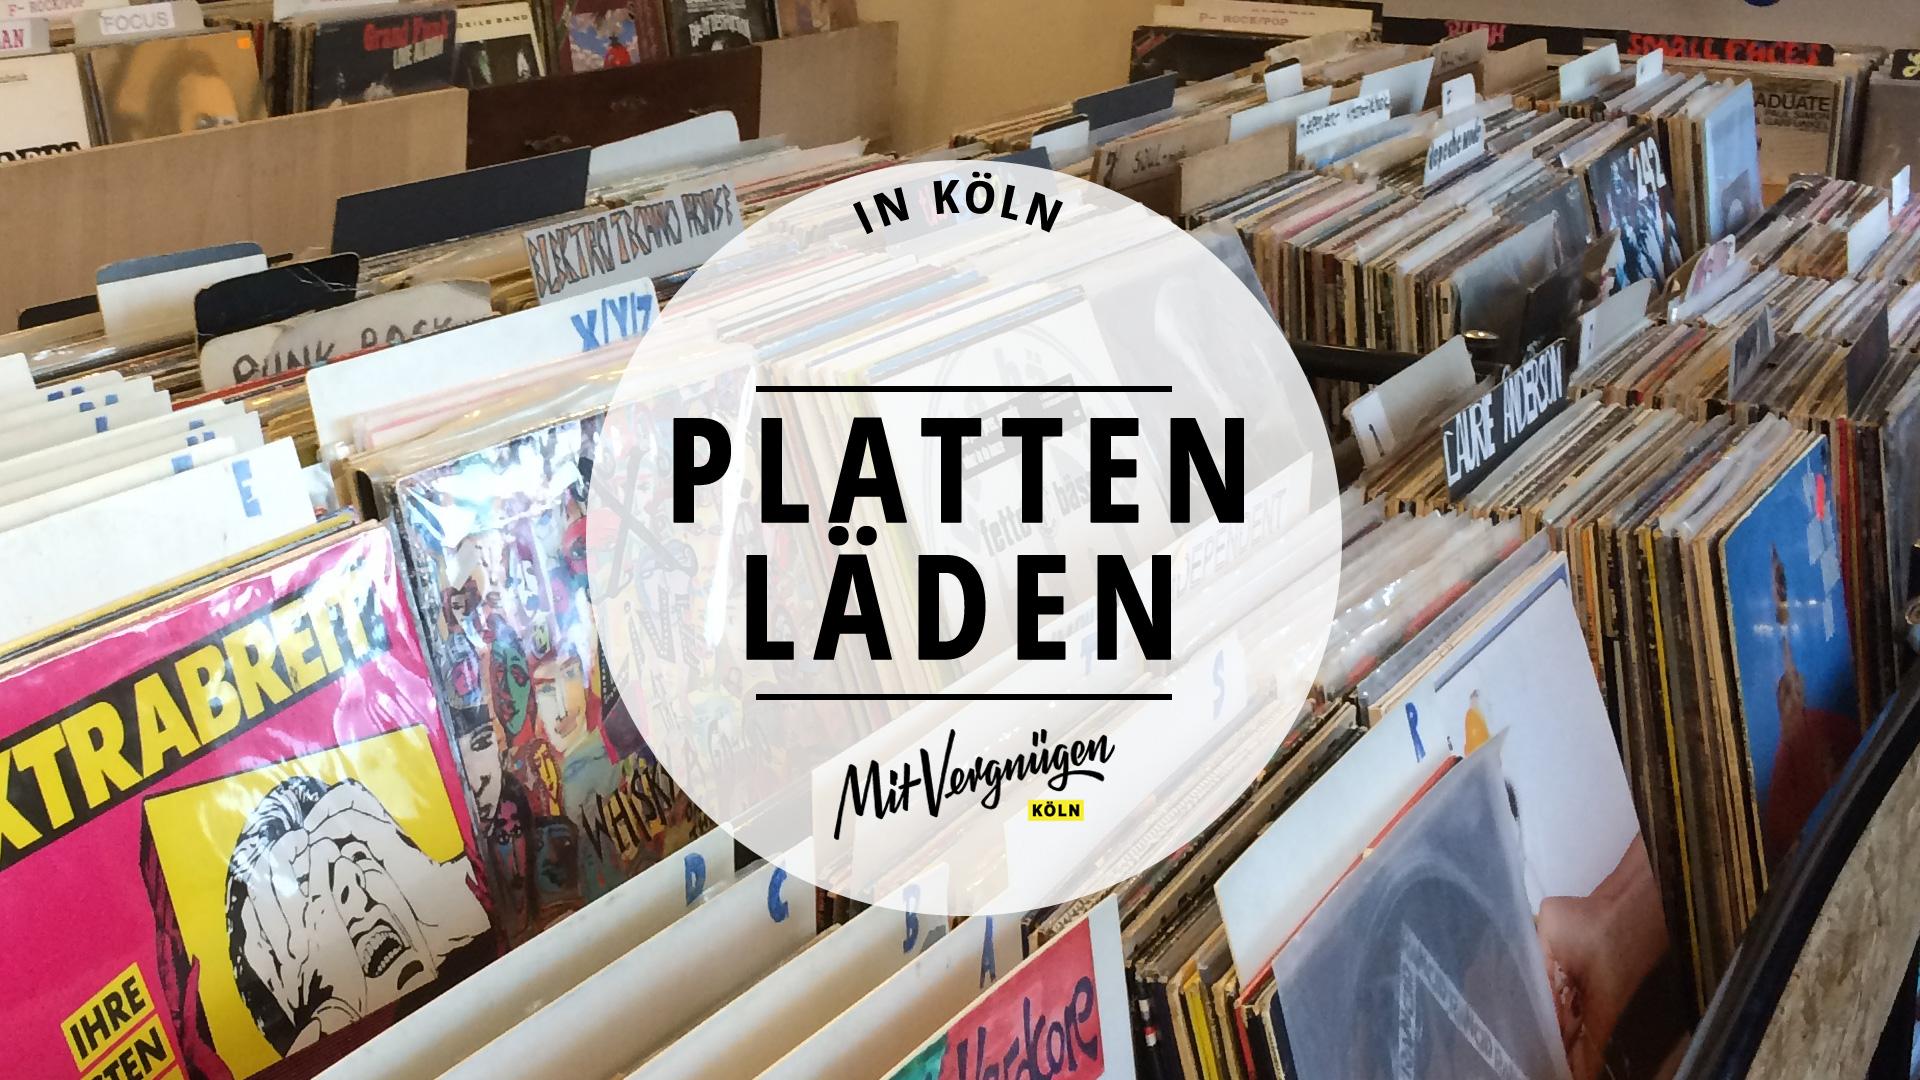 11 Plattenläden in Köln, die du kennen solltest